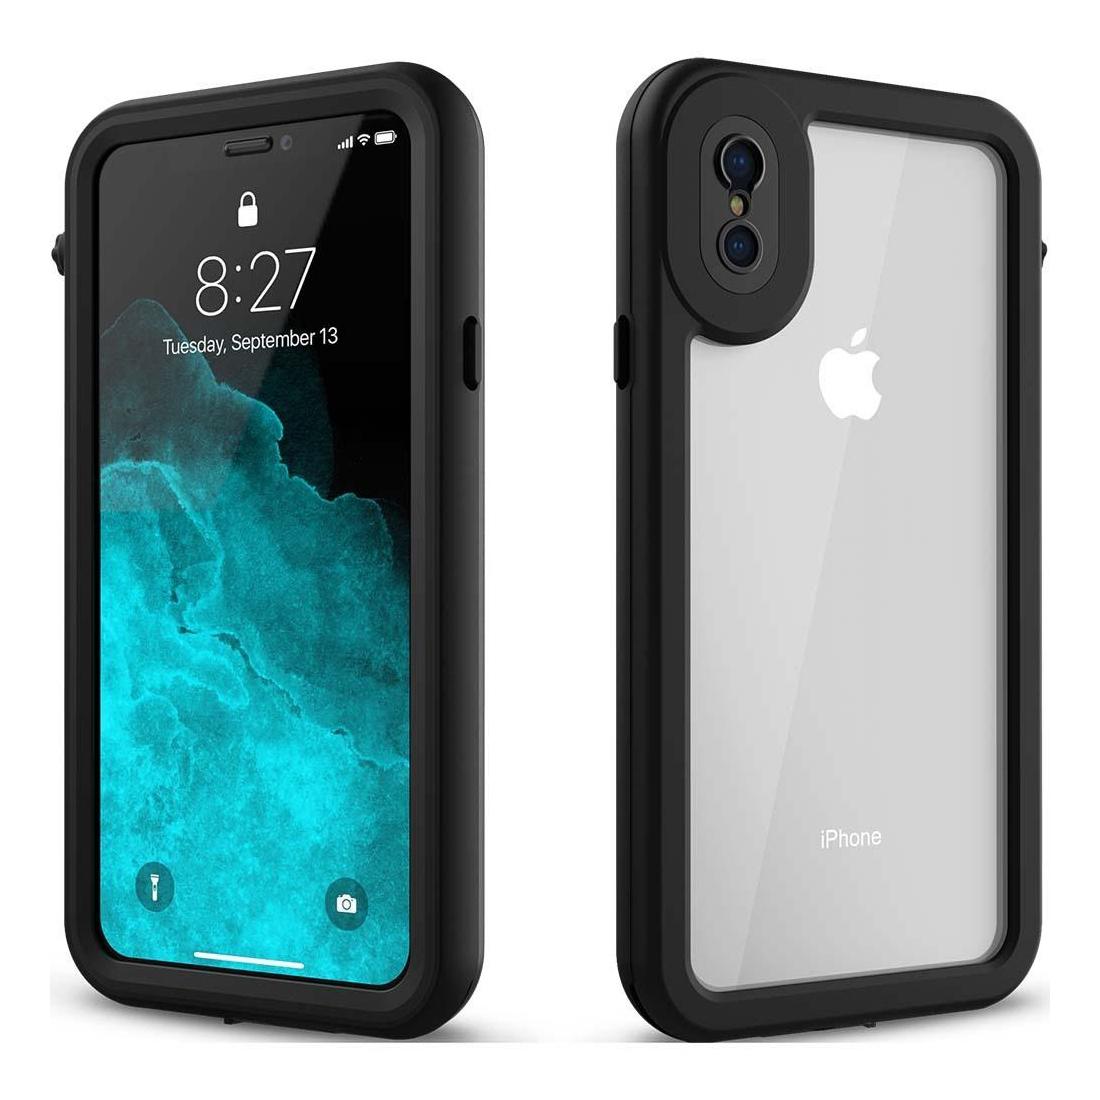 Hitcase Splash Αδιάβροχη Ανθεκτική Θήκη iPhone X/XS - Black (HC81000)